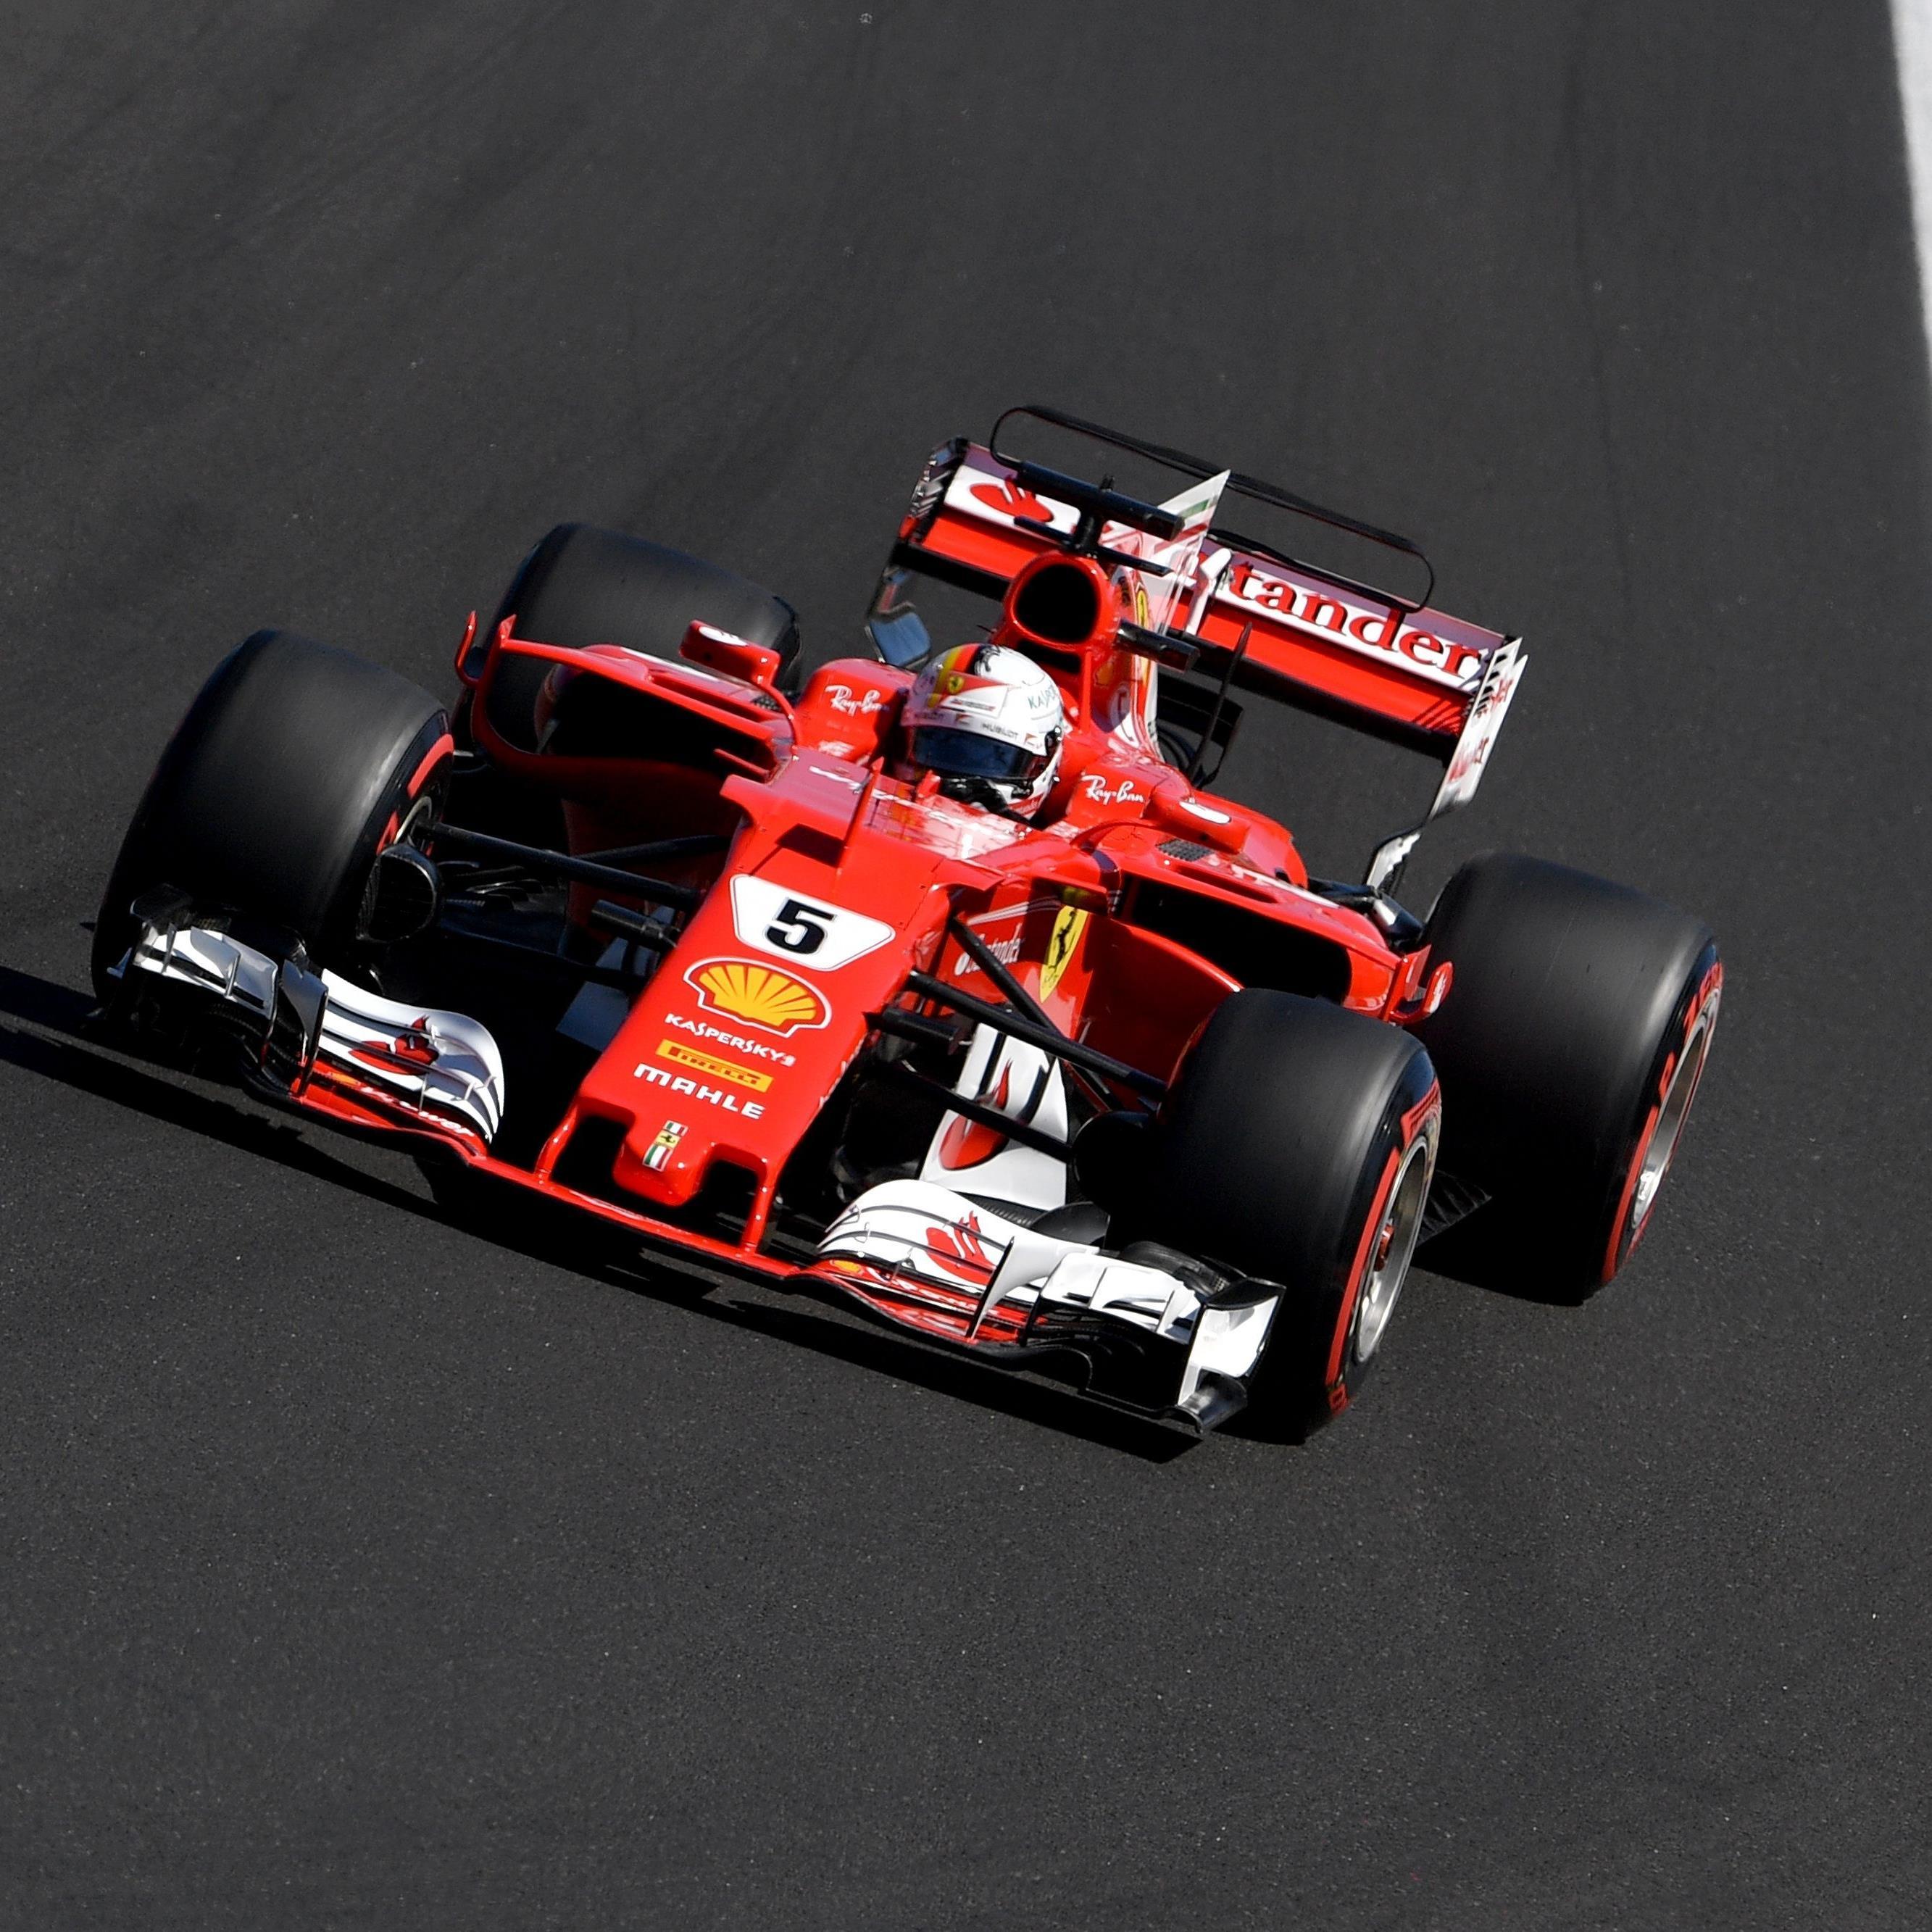 Sebastian Vettel (Ferrari) startet in Ungarn von der Pole Position.